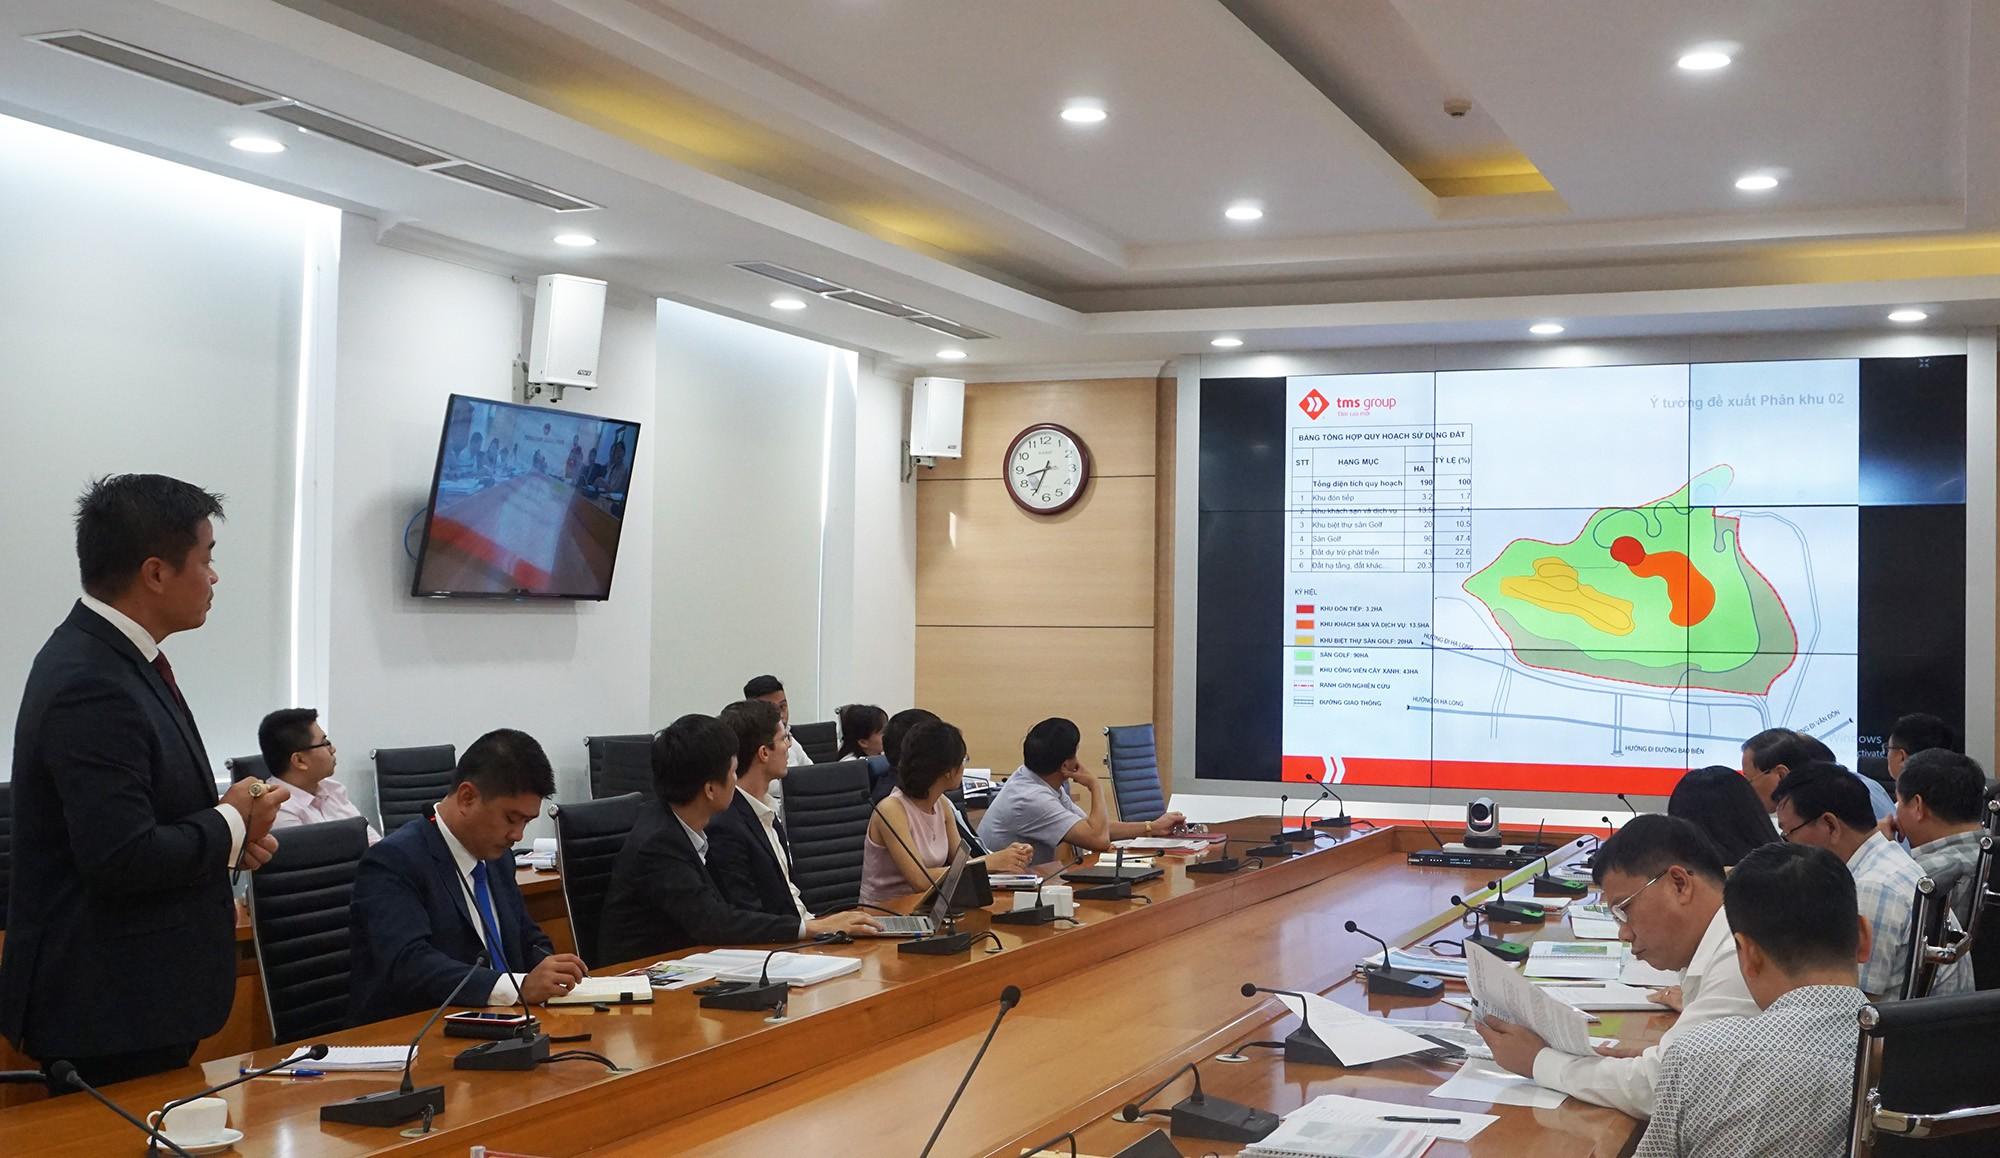 TMS Group muốn đầu tư 4 dự án vào Quảng Ninh, Chủ tịch UBND tỉnh nói gì?  - Ảnh 1.